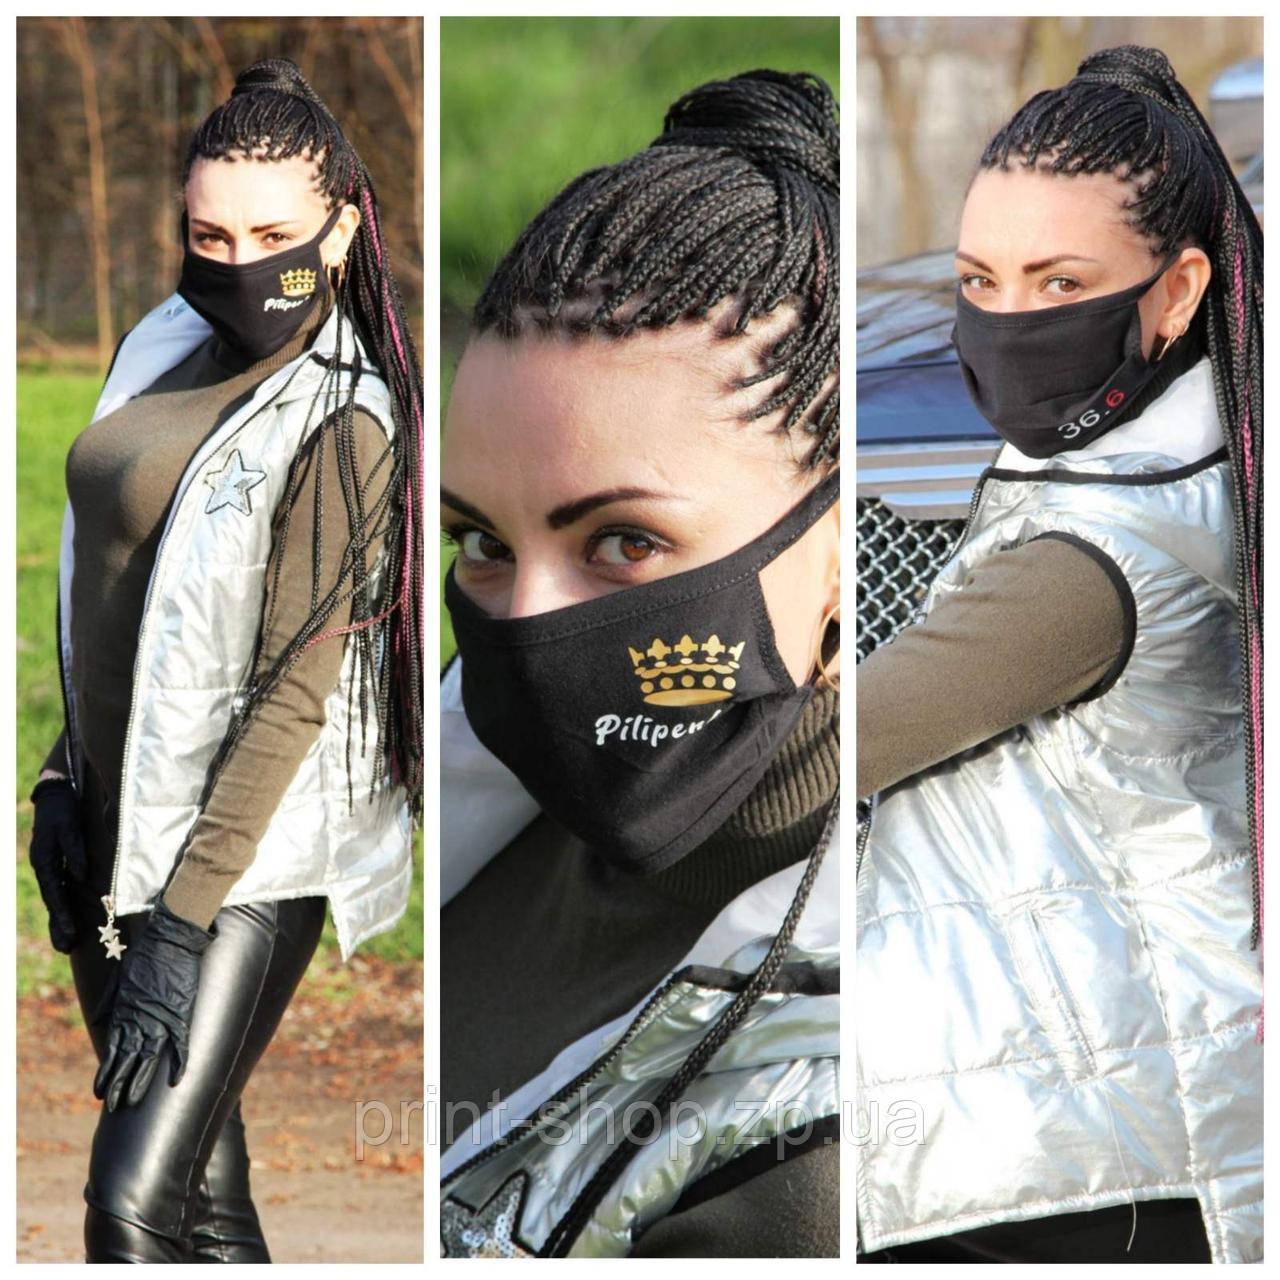 Защитная маска на лицо с принтом. Многоразовая двухслойная маска. Самая низкая цена.